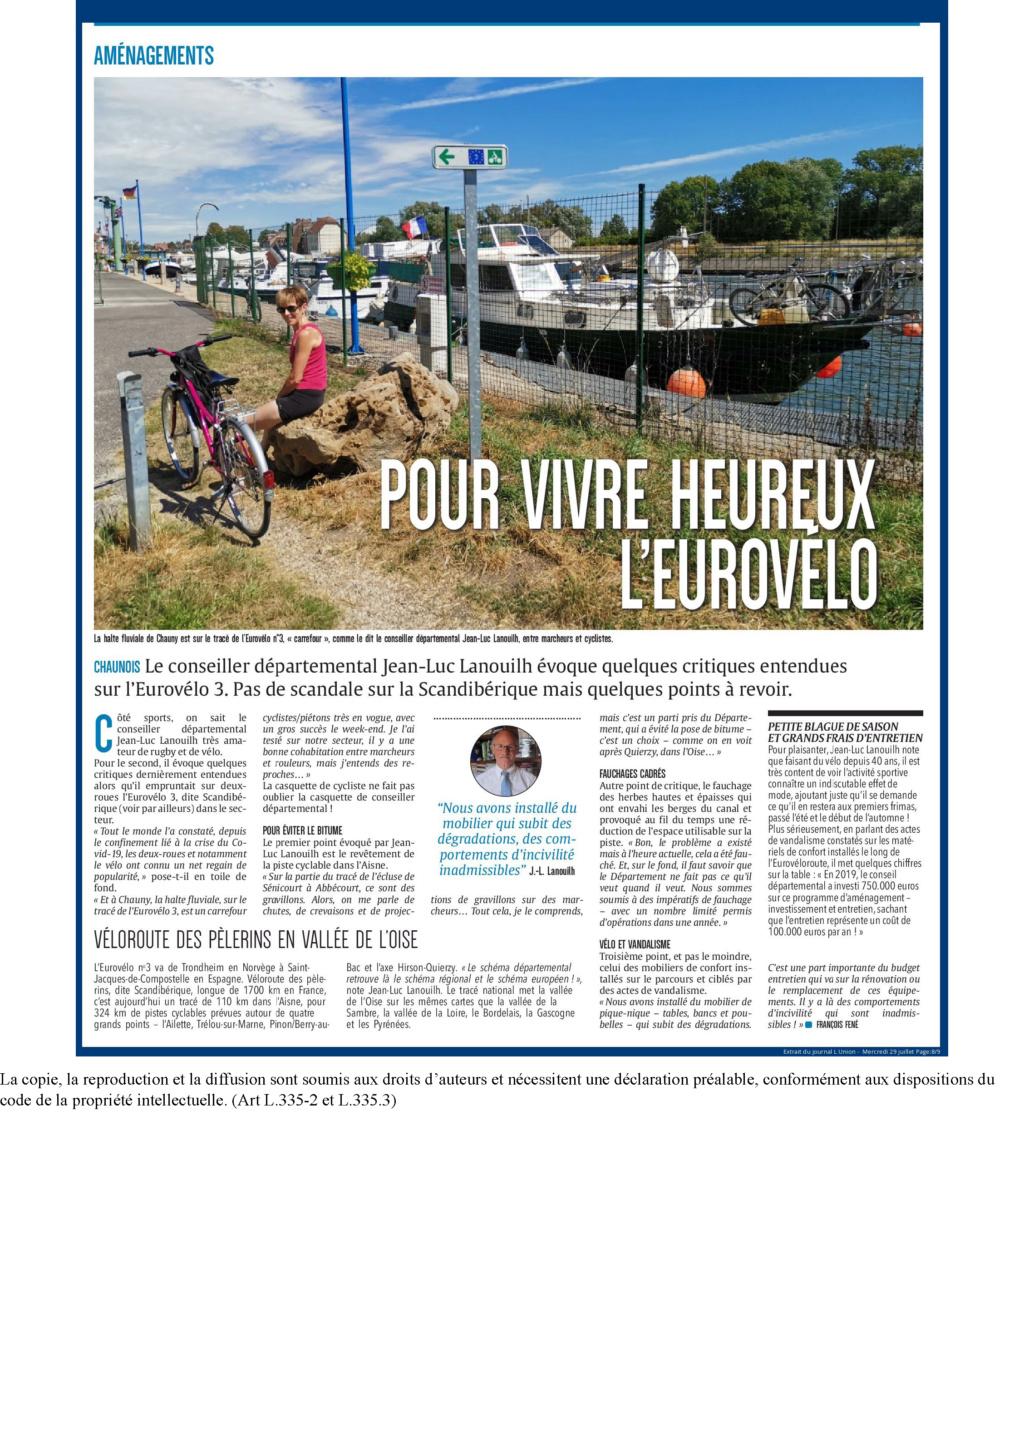 Engin electric de l'IUT de l' Aisne: 2019...reflexion mobilité - Page 26 Pages_10